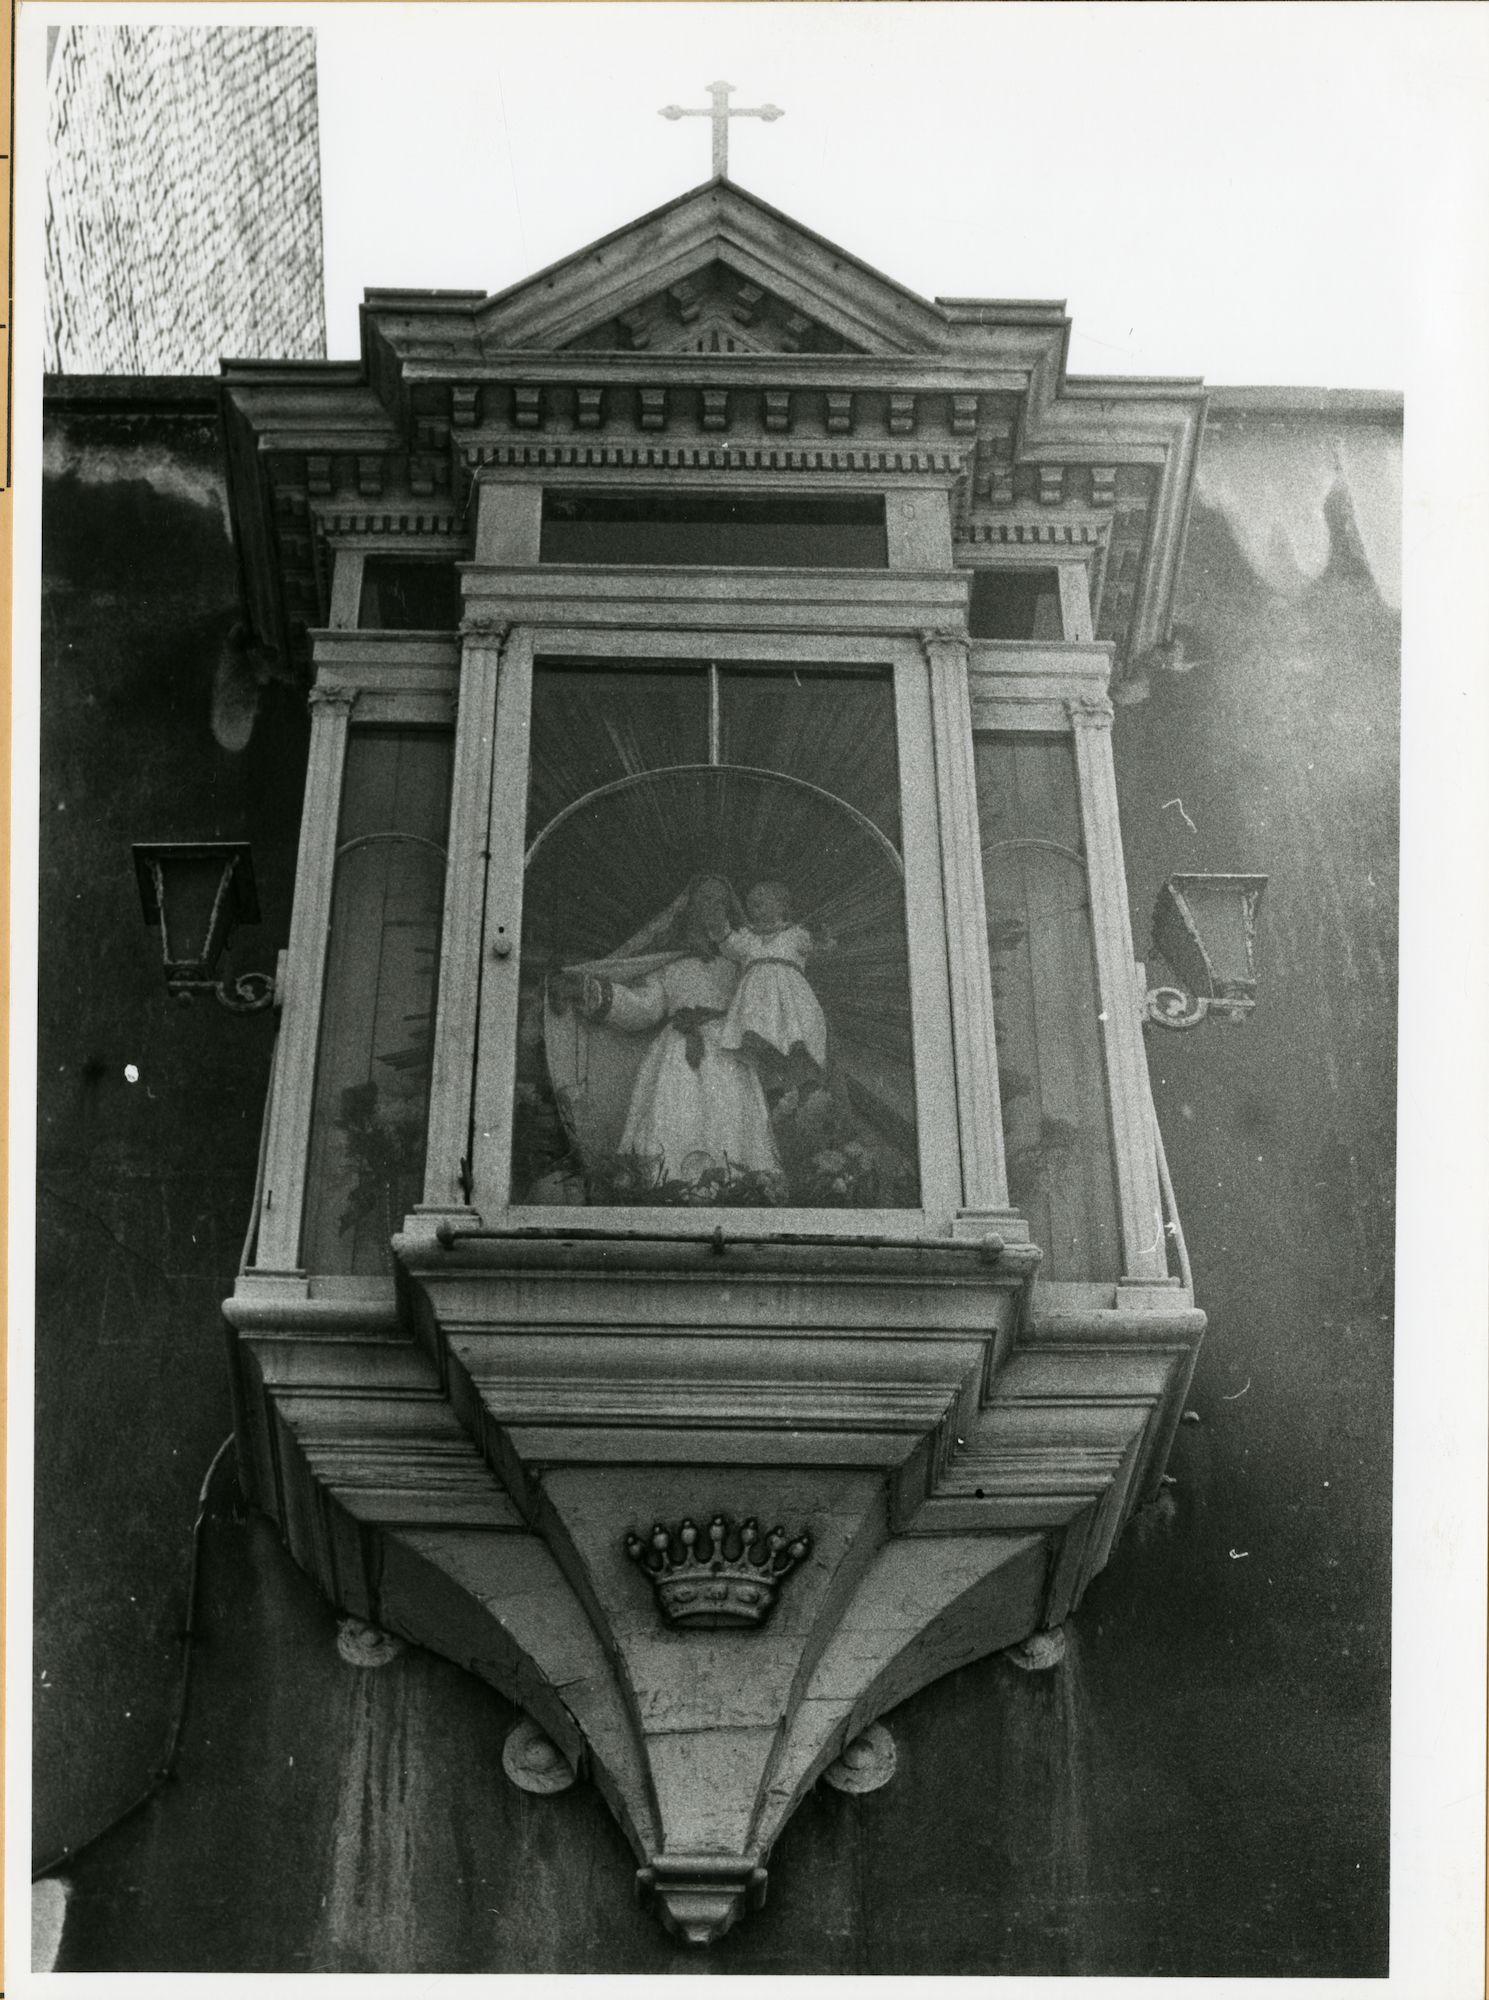 Gent: Brandstraat 3: St-Antoniusbibliotheek: Gevelkapel: Maria met Kind